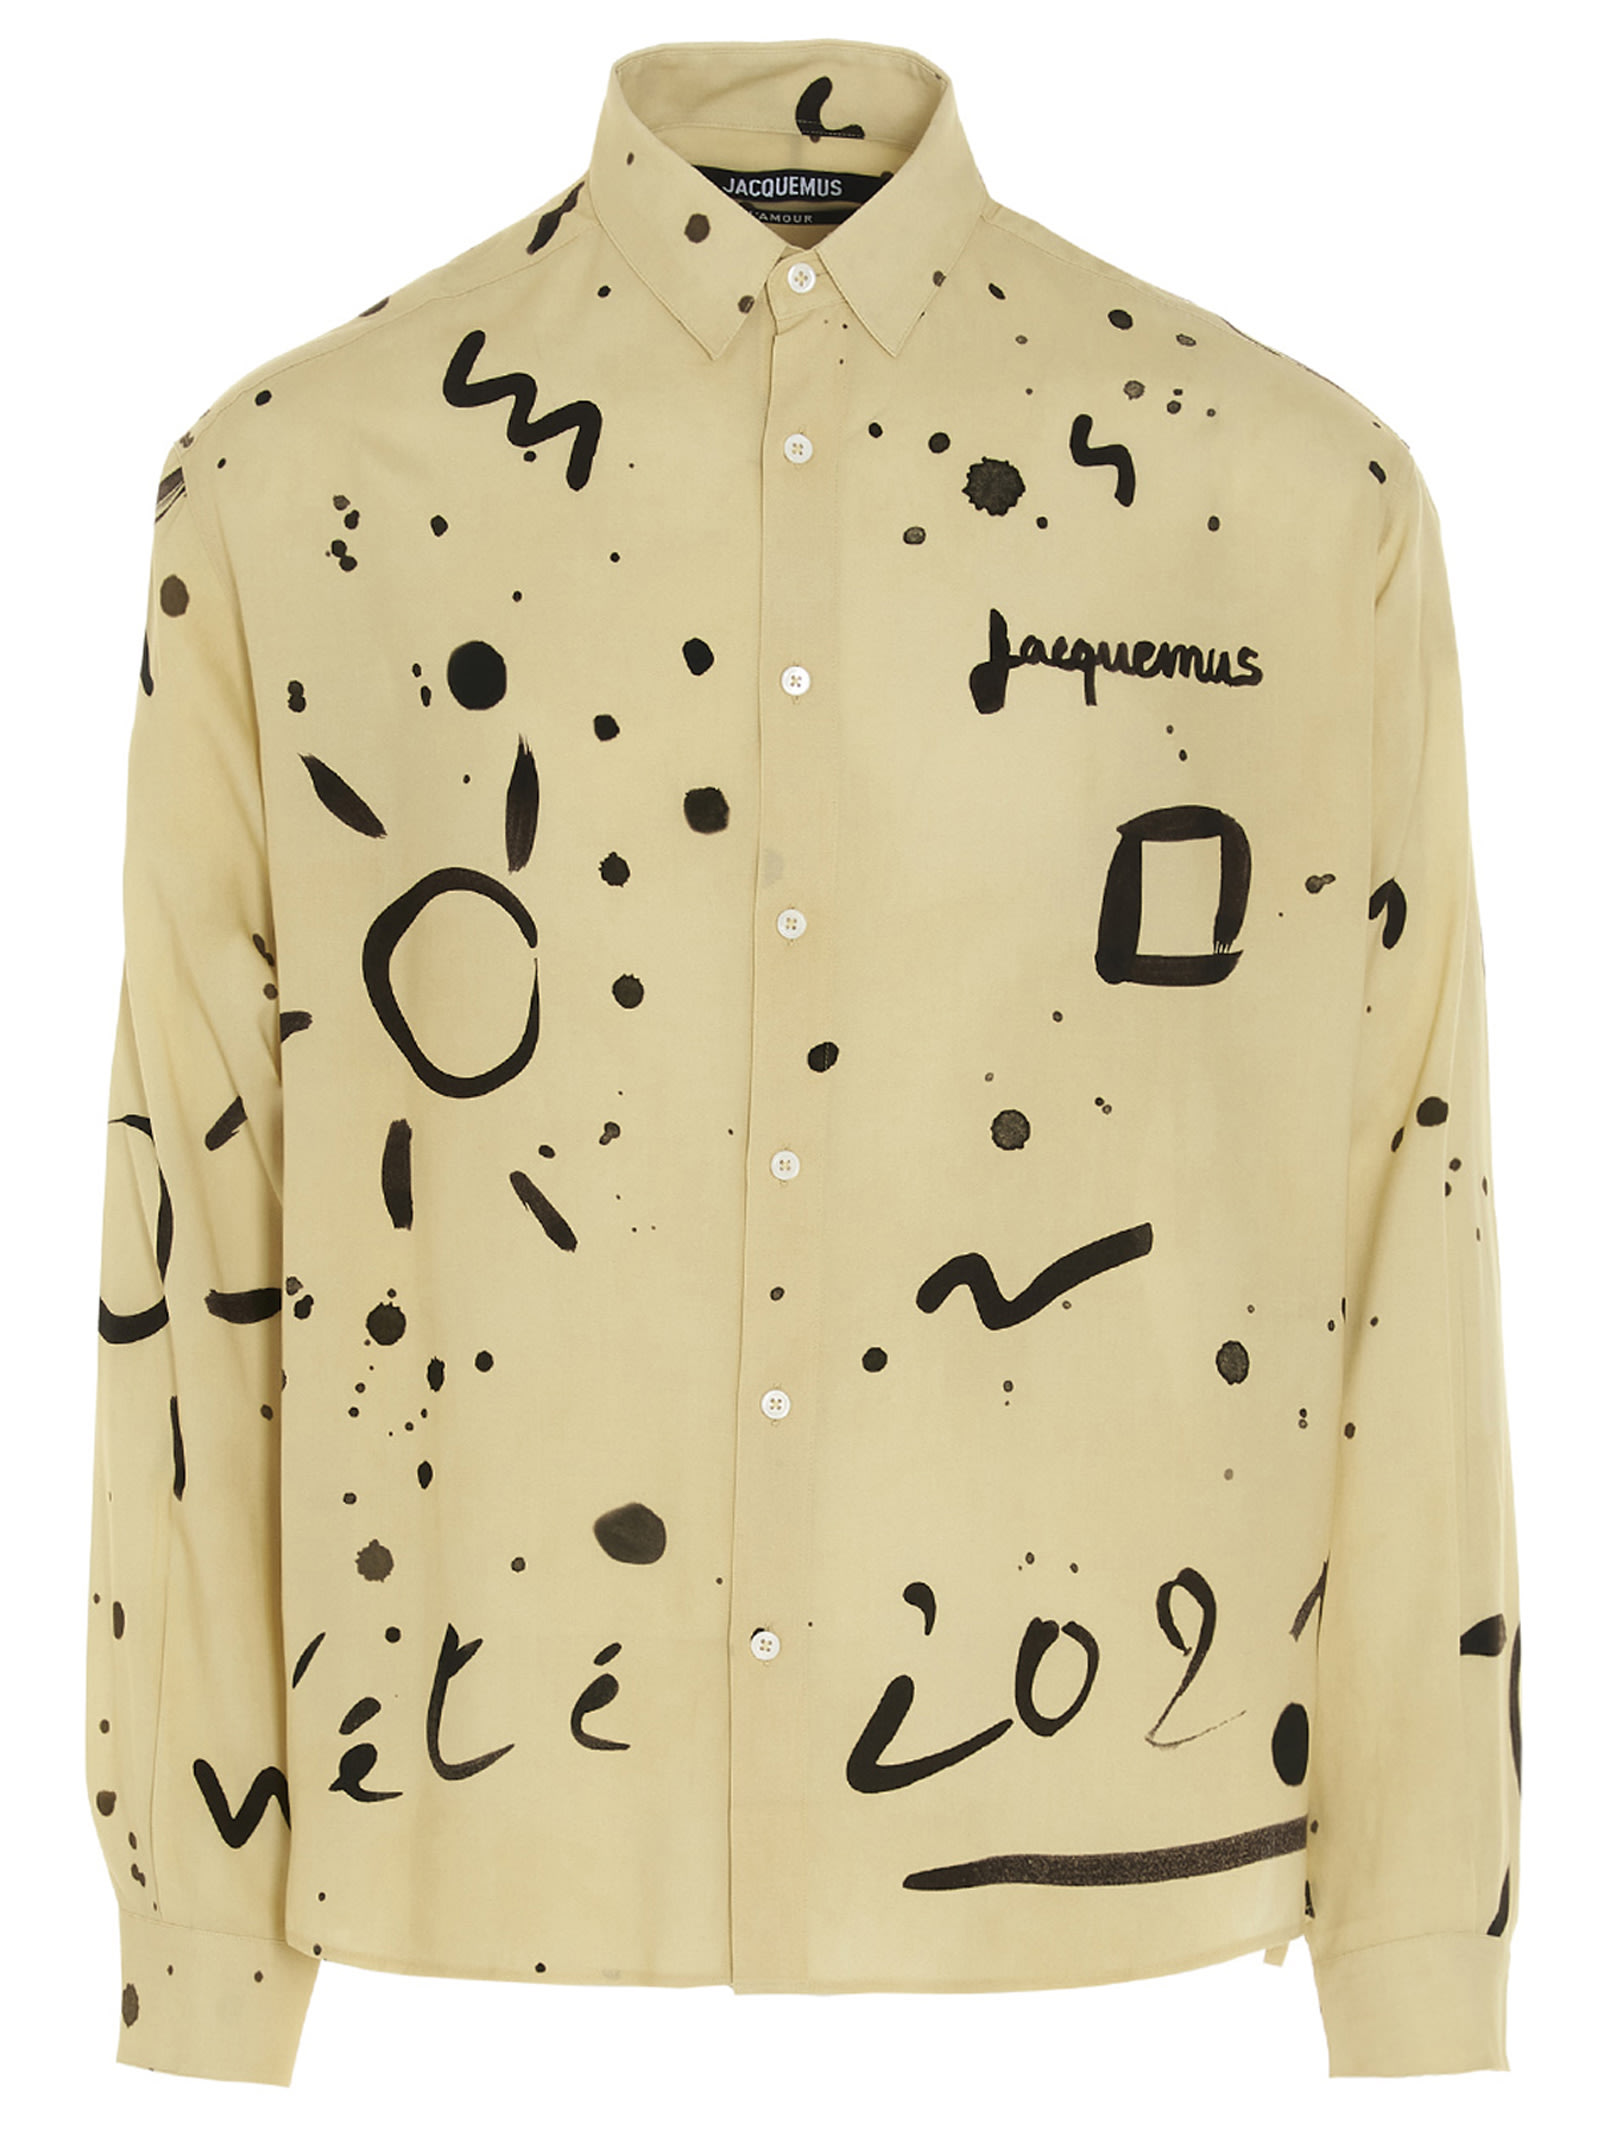 Jacquemus la Chemise Henri Shirt